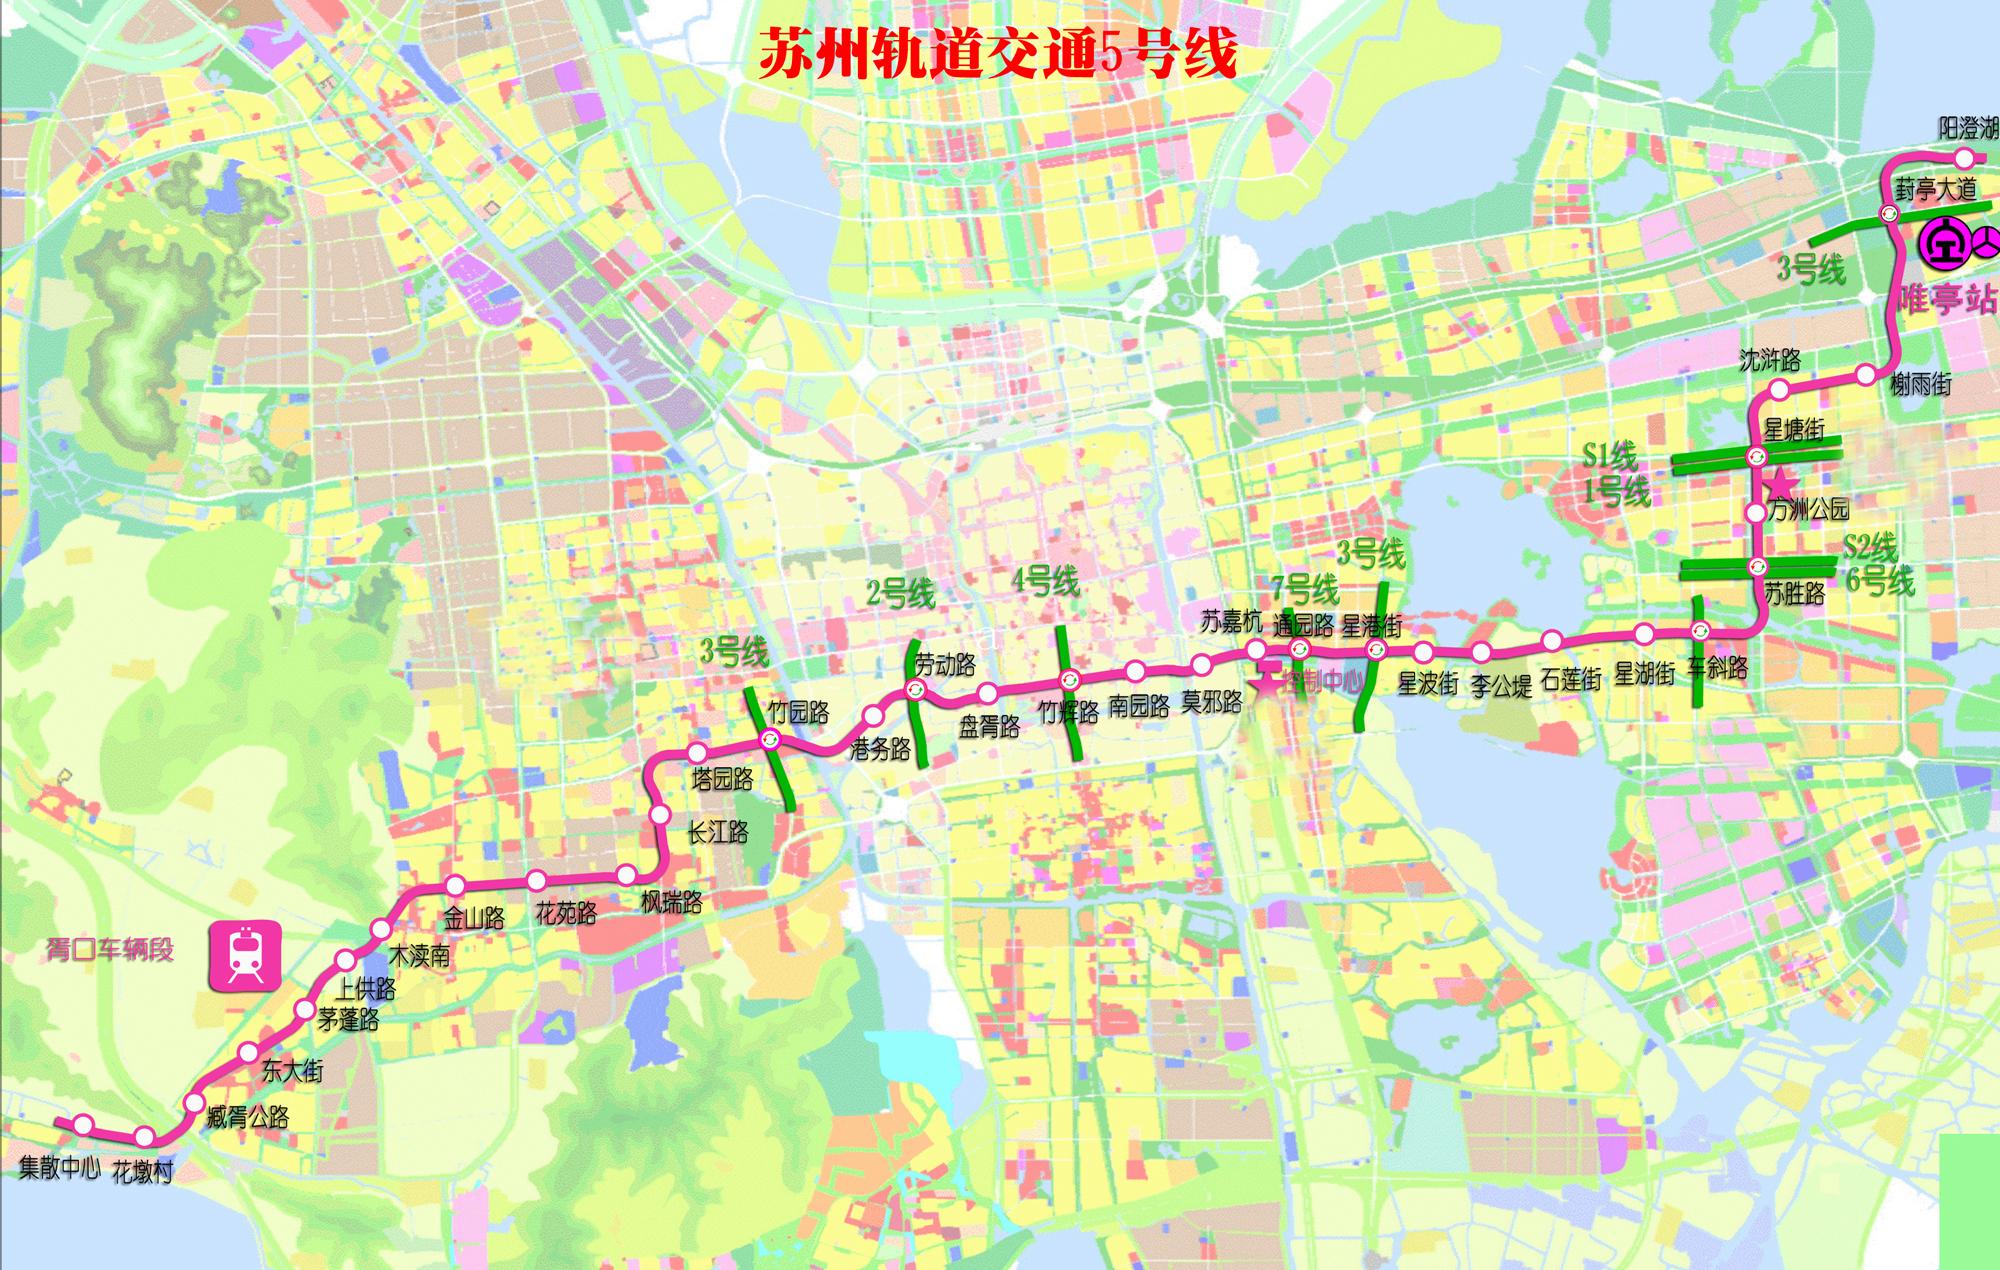 苏州轨道交通5号线线路图图片